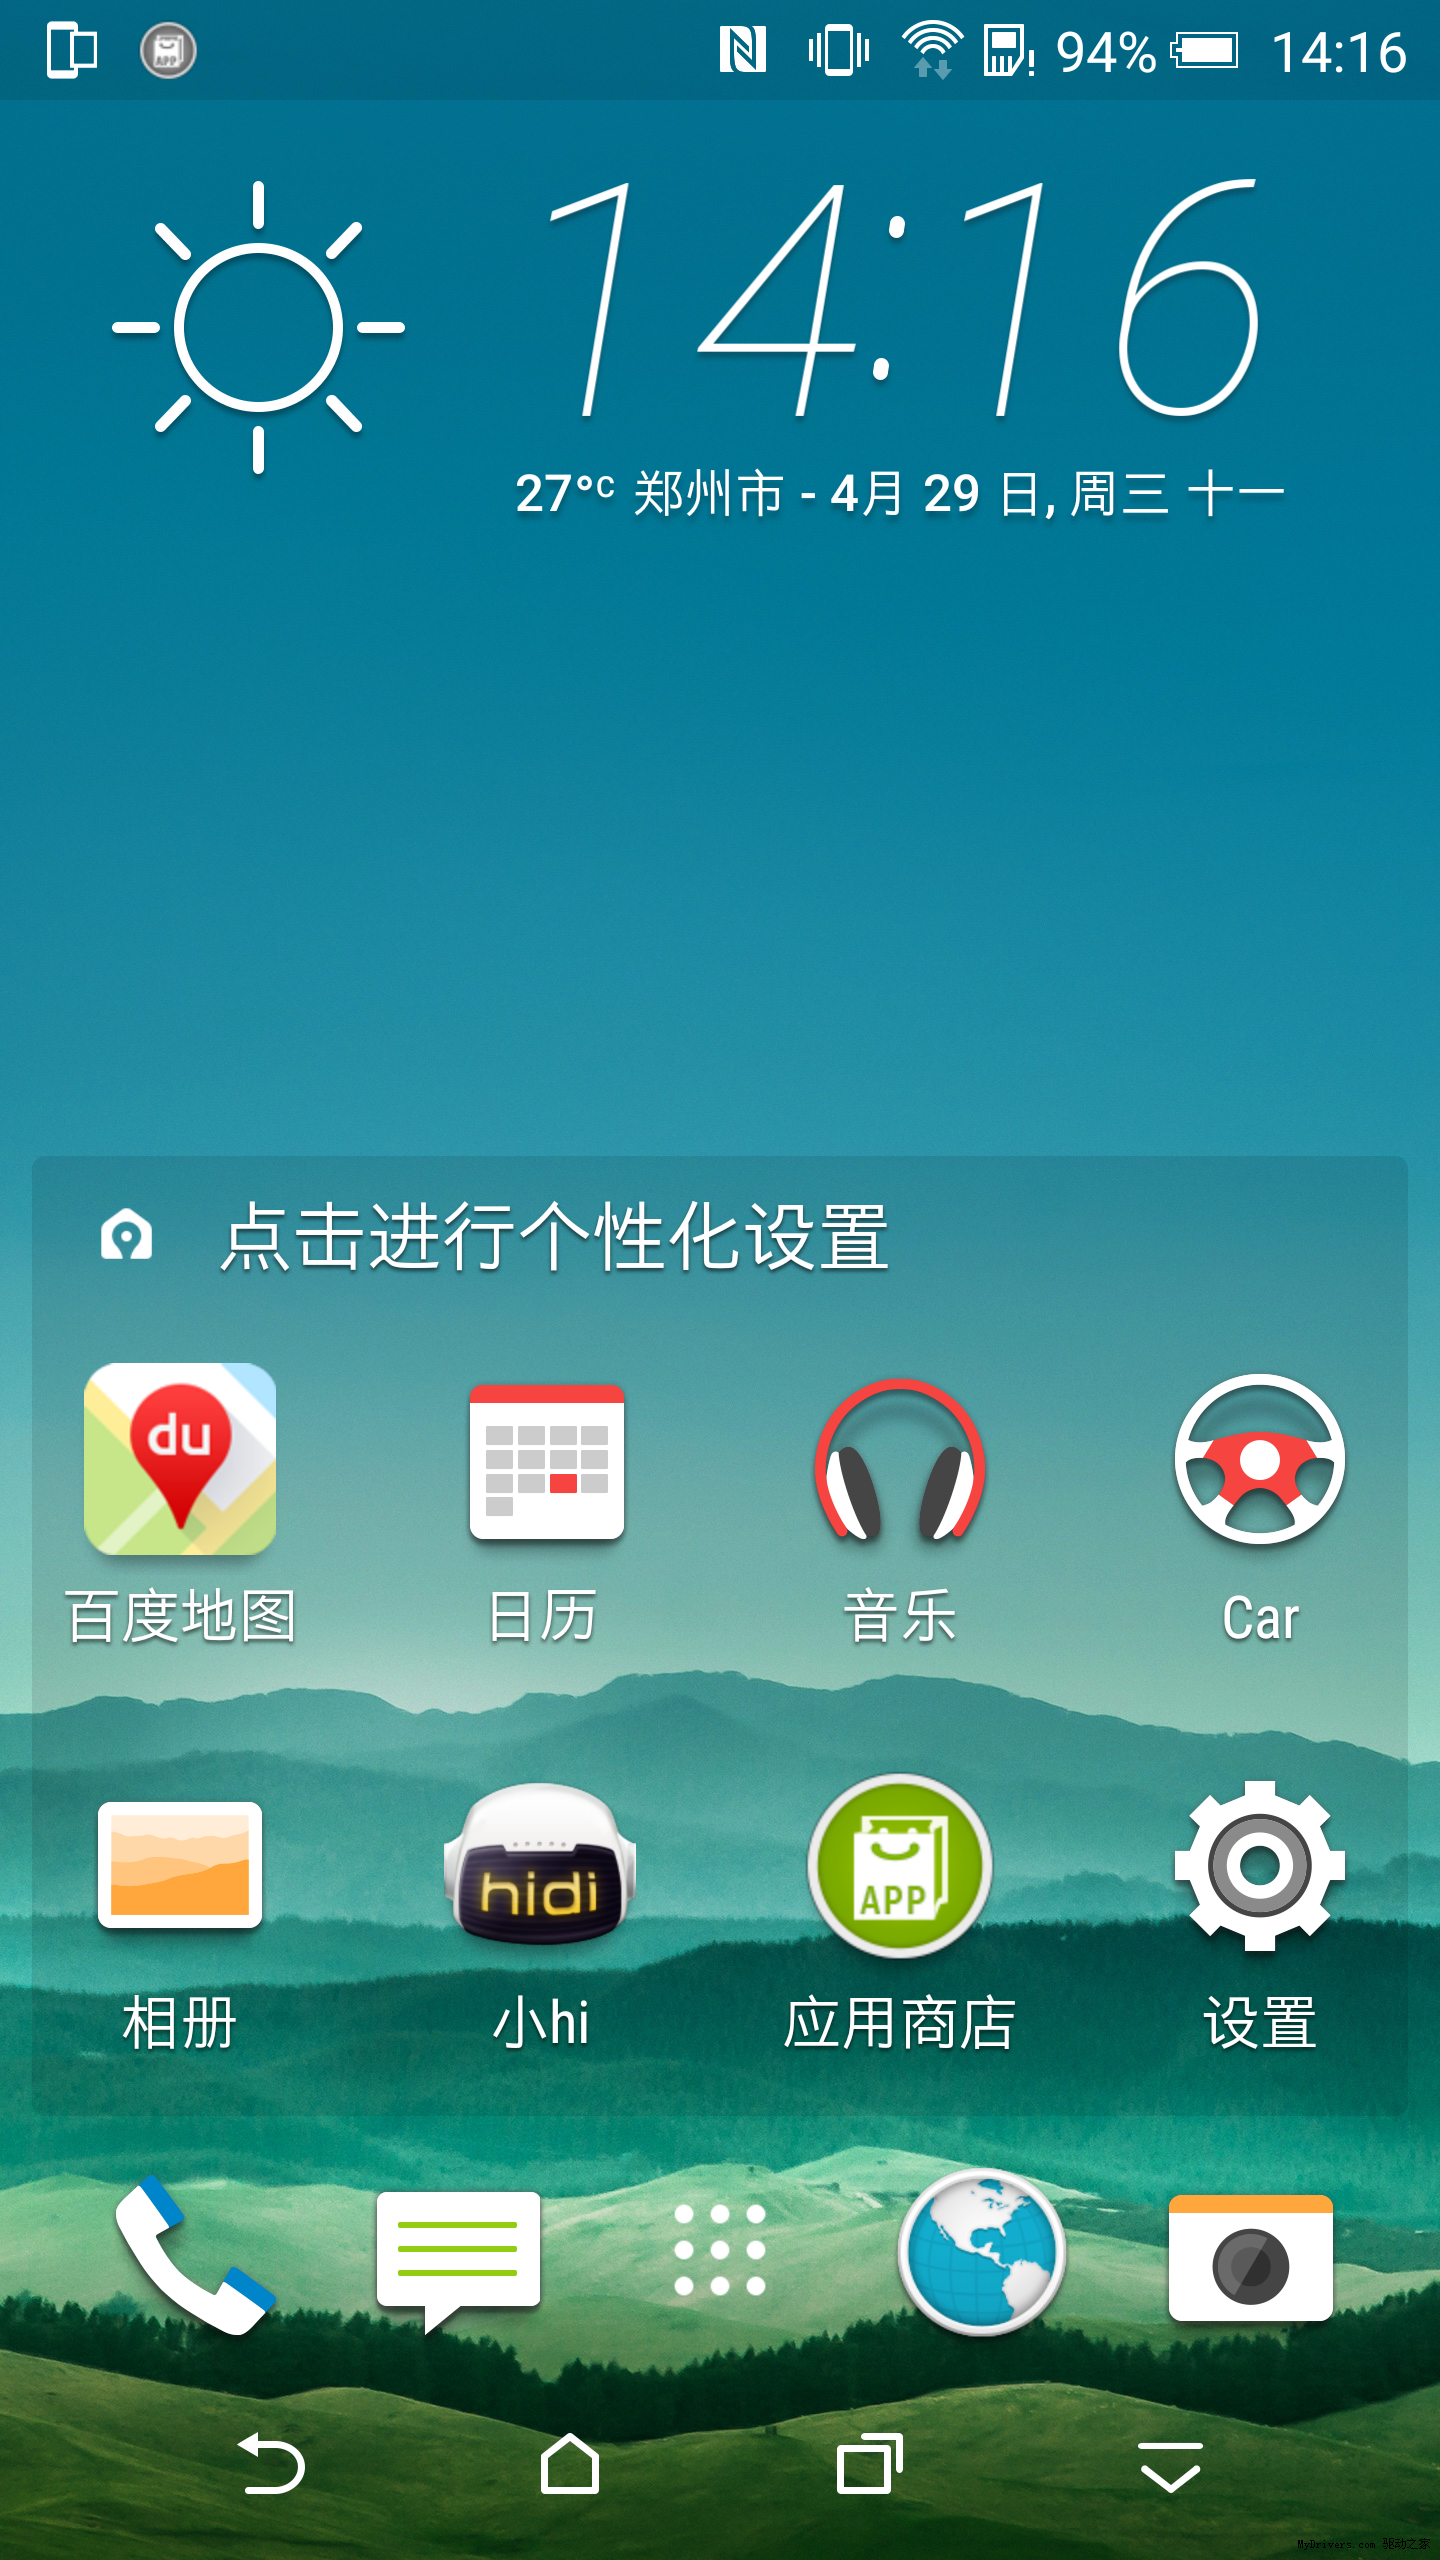 """一代旗舰的发布,也往往伴随着全新系统的升级,HTC M9系列就搭载了最新的Sense 7.0系统,而且针对国内改了个接地气的名字:China Sense。 HTC的手机系统的最大亮点就是极度的流畅,用在HTC机器上感觉是""""大牛拉小车"""";但该系统并没有国内用户进行更多的定制,所以在功能性和美观性方面更偏向于原生系统。   升级到Sense 7."""